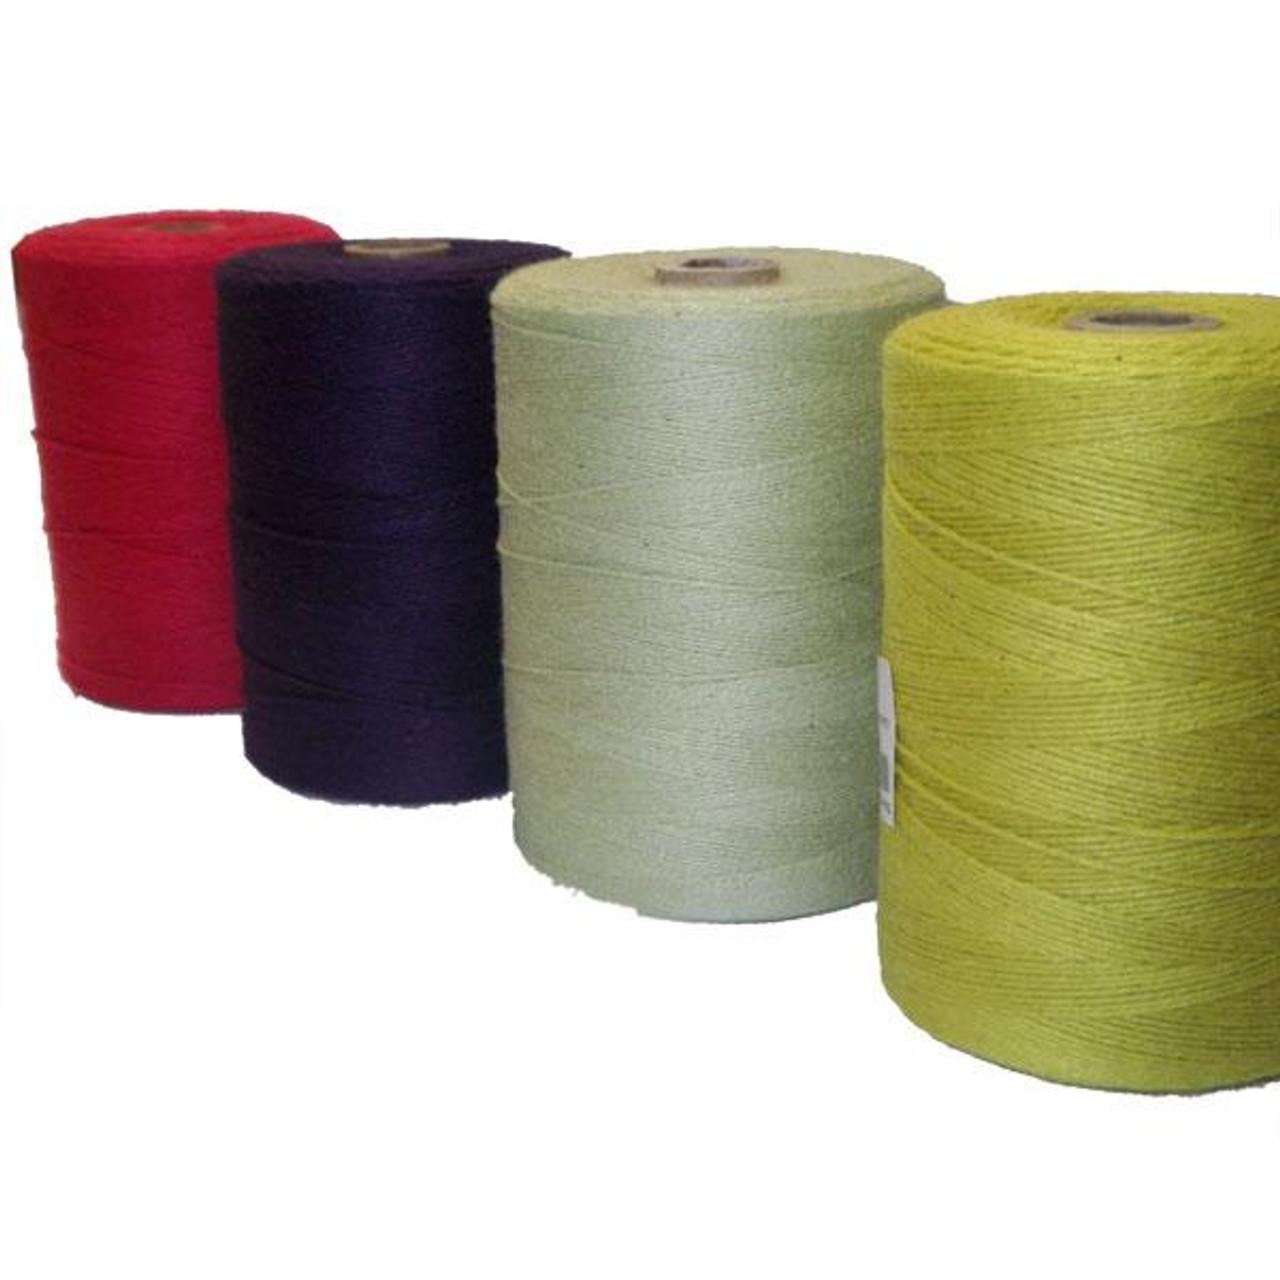 2 Tubes 84 cottonpolyester rag rug weaving warp String Yarn